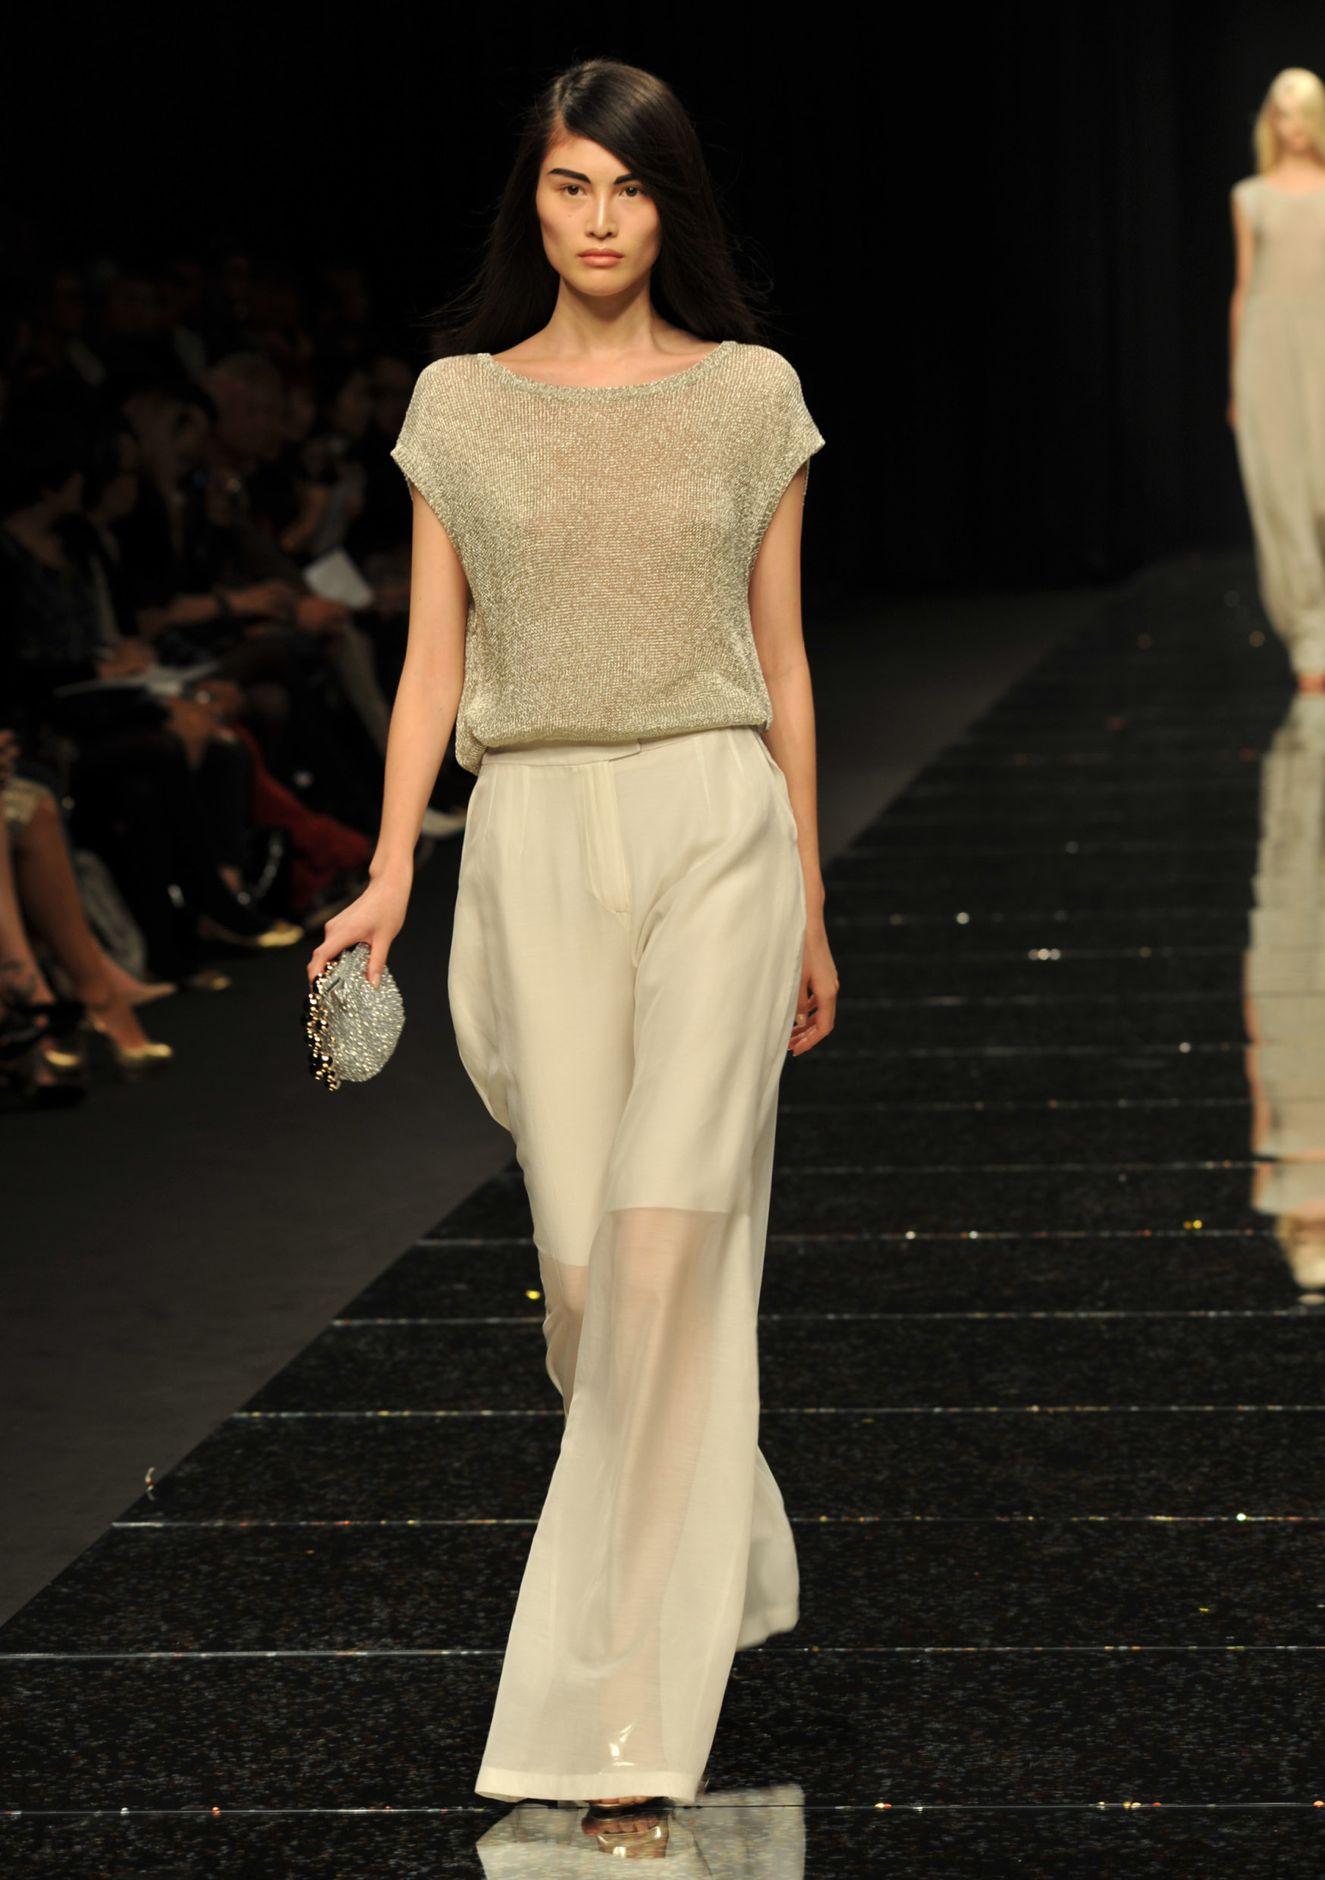 Anteprima Spring 2013 Women Fashion Show